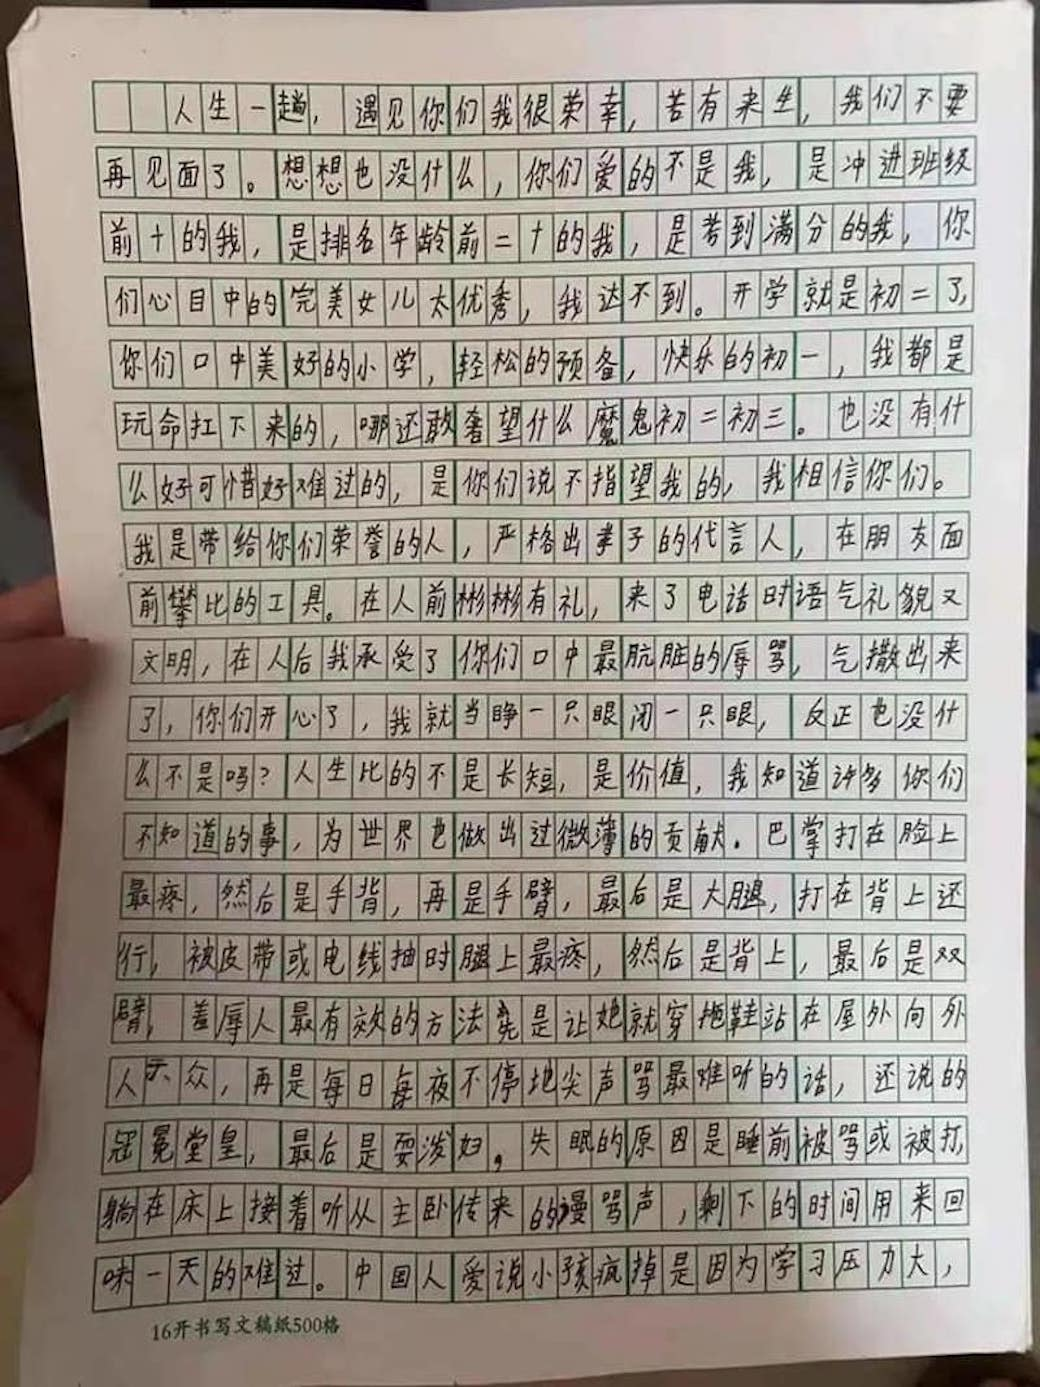 「上海 14 歲女孩的遺書」給了大家衝擊與反思,看著孩子的笑容,是真的快樂的嗎?